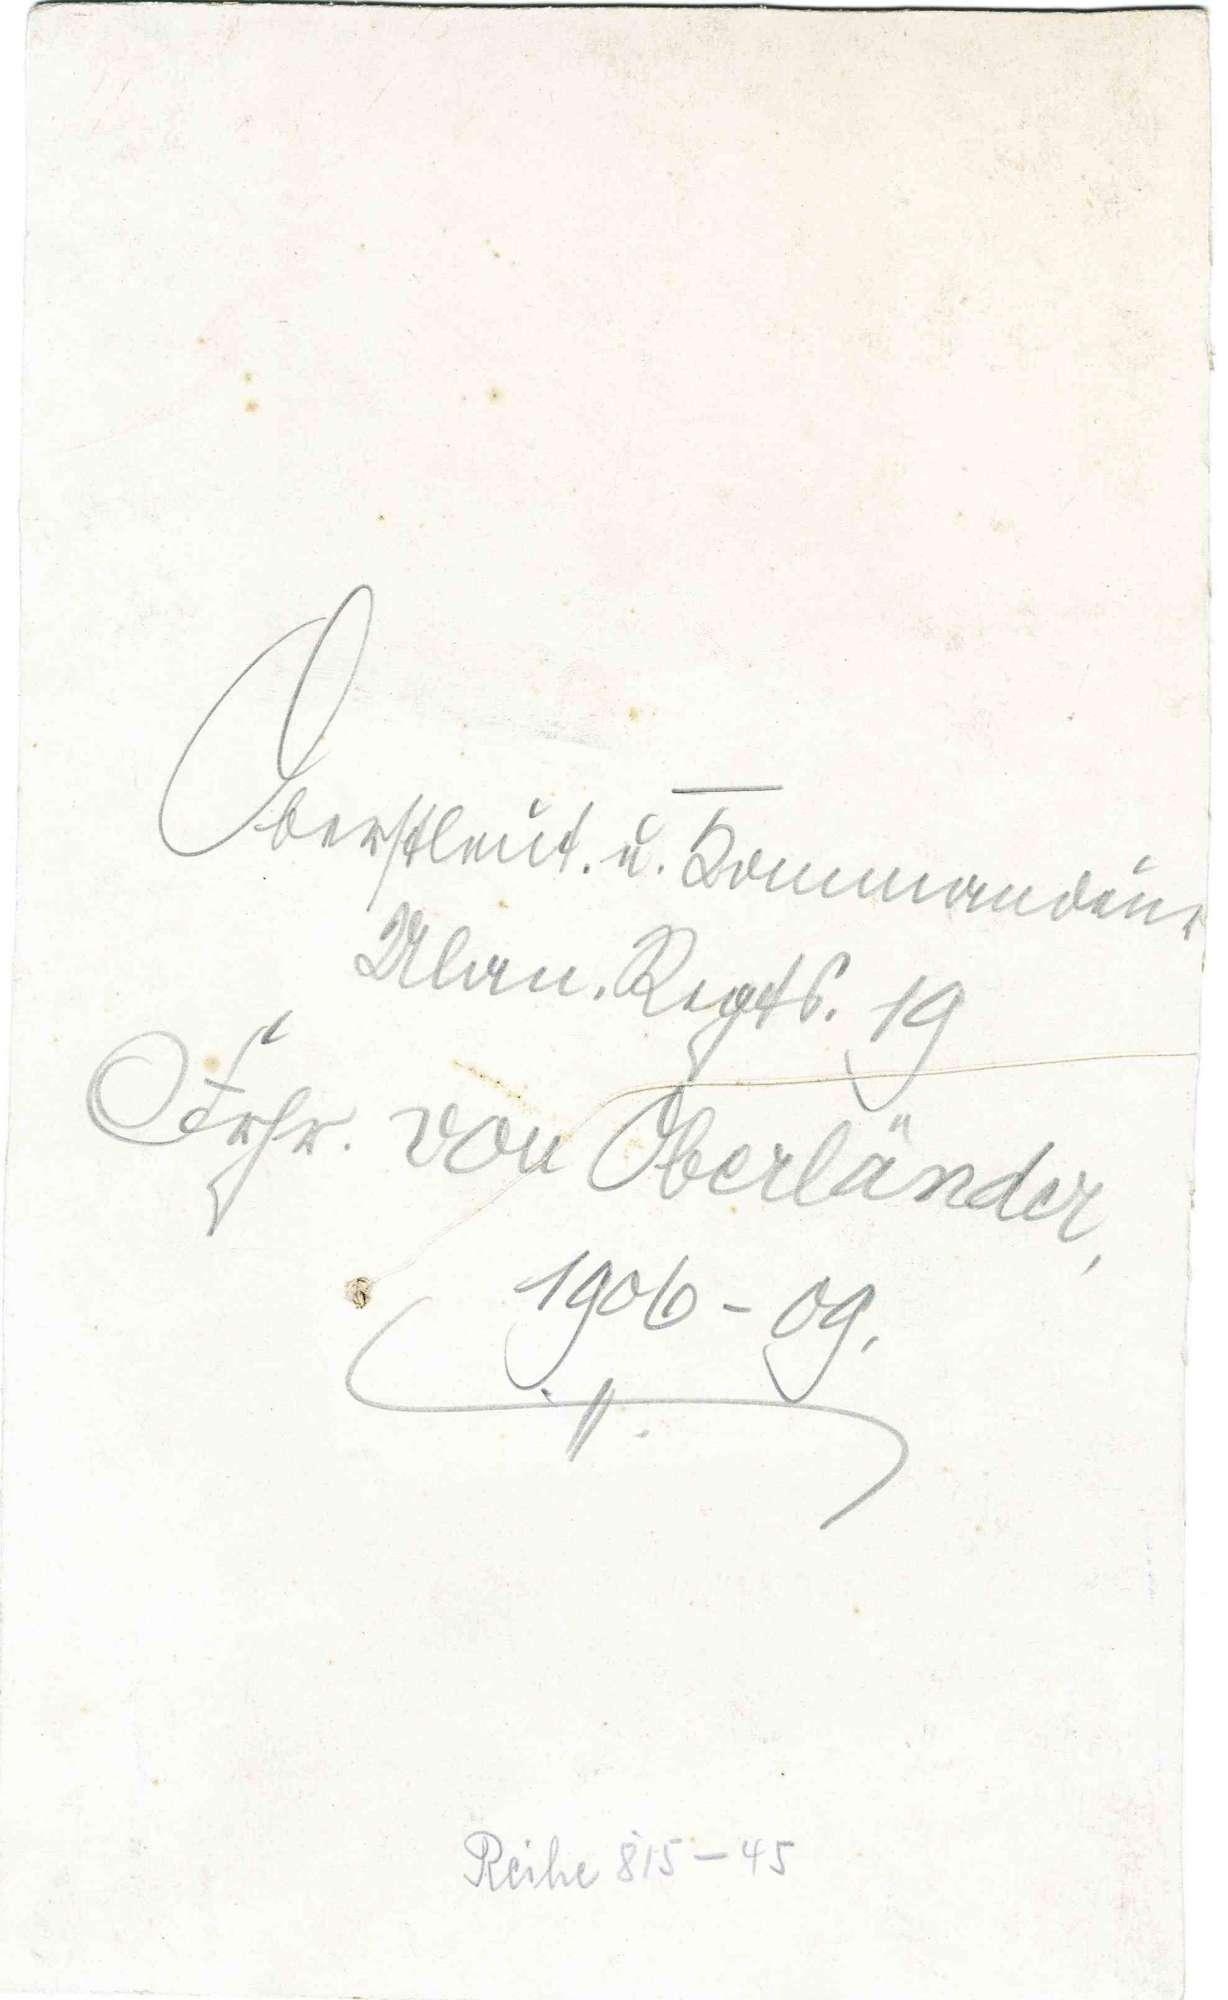 Freiherr Ernst von Oberländer, Oberstleutnant und Kommandeur von 1906-1909, preuss. Offizier, stehend in Uniform, Gurt mit Orden und Zierhelm in der Hand, Brustbild in Halbprofil, 1v